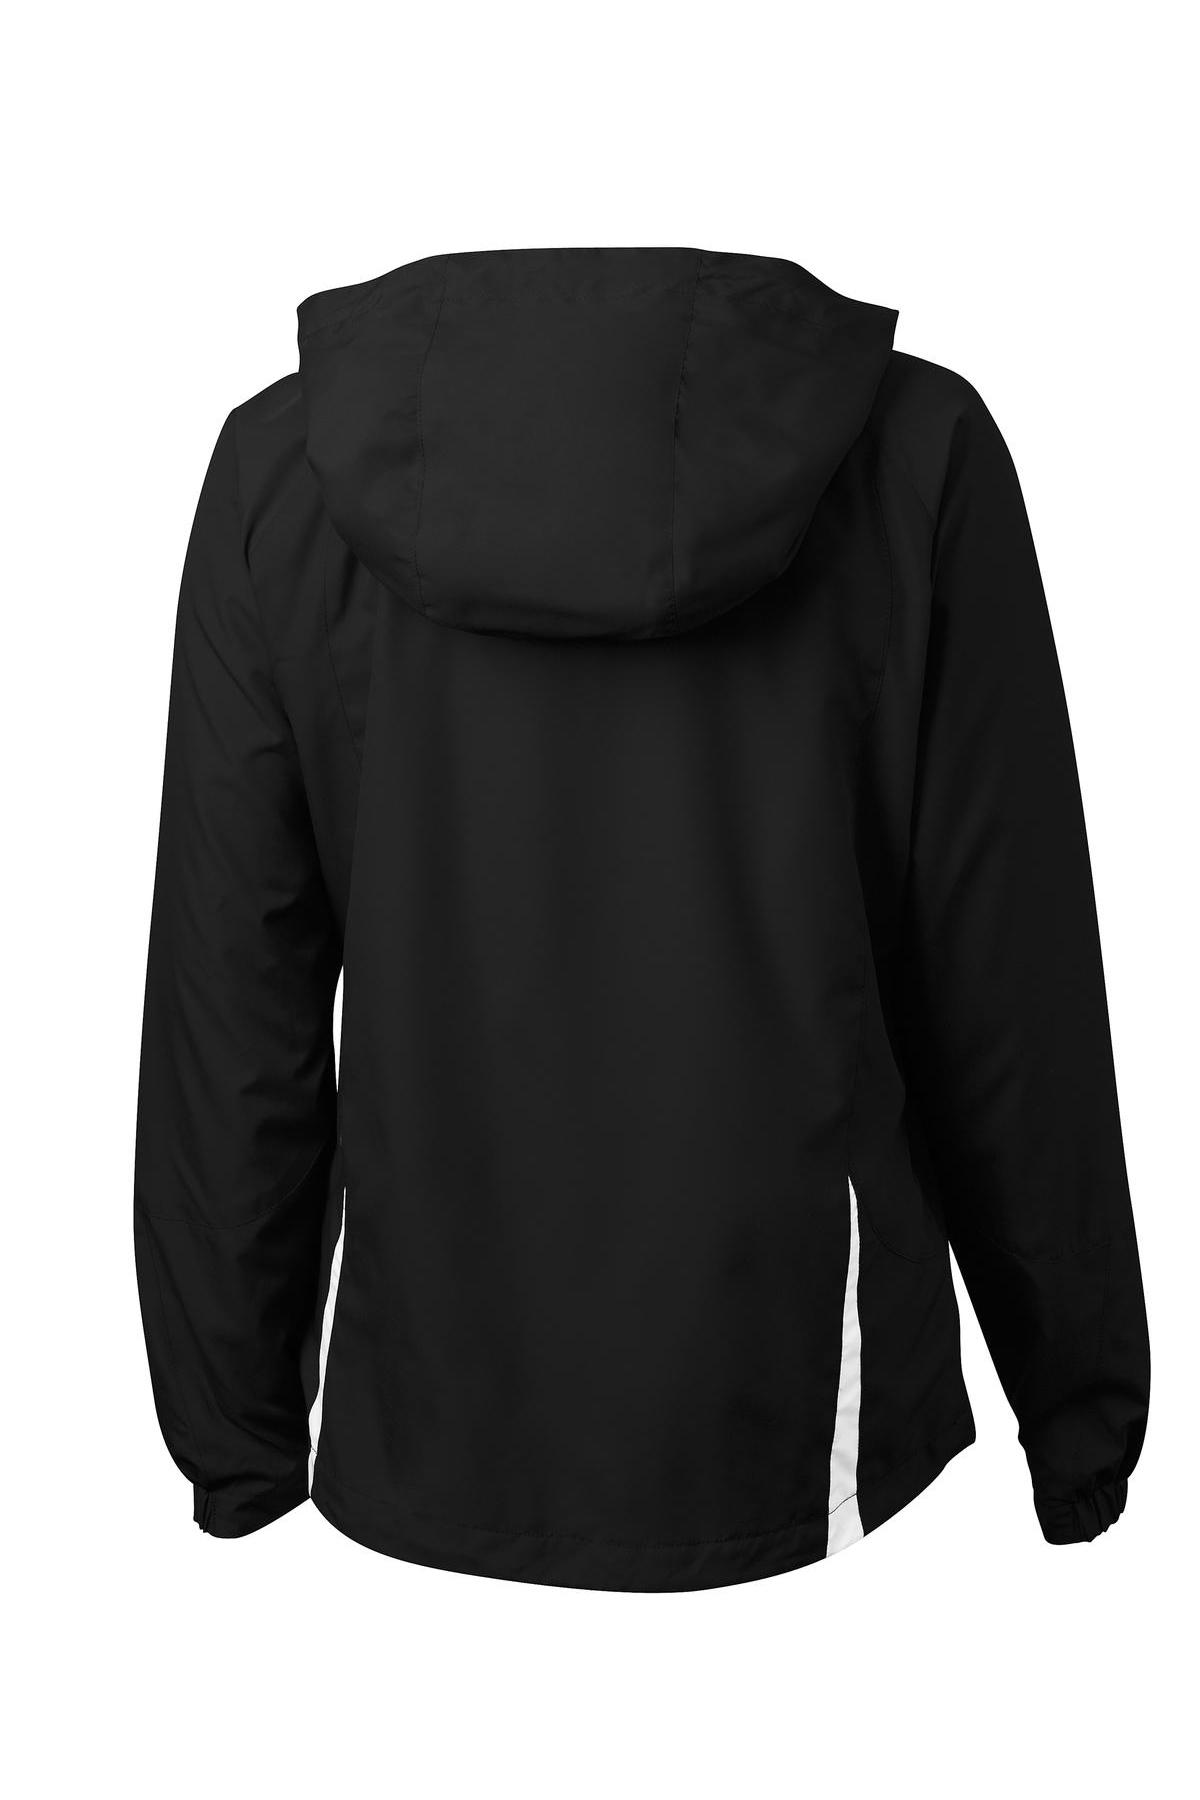 Black//White S Sport-Tek Ladies ClrBlok Hooded Raglan Jacket